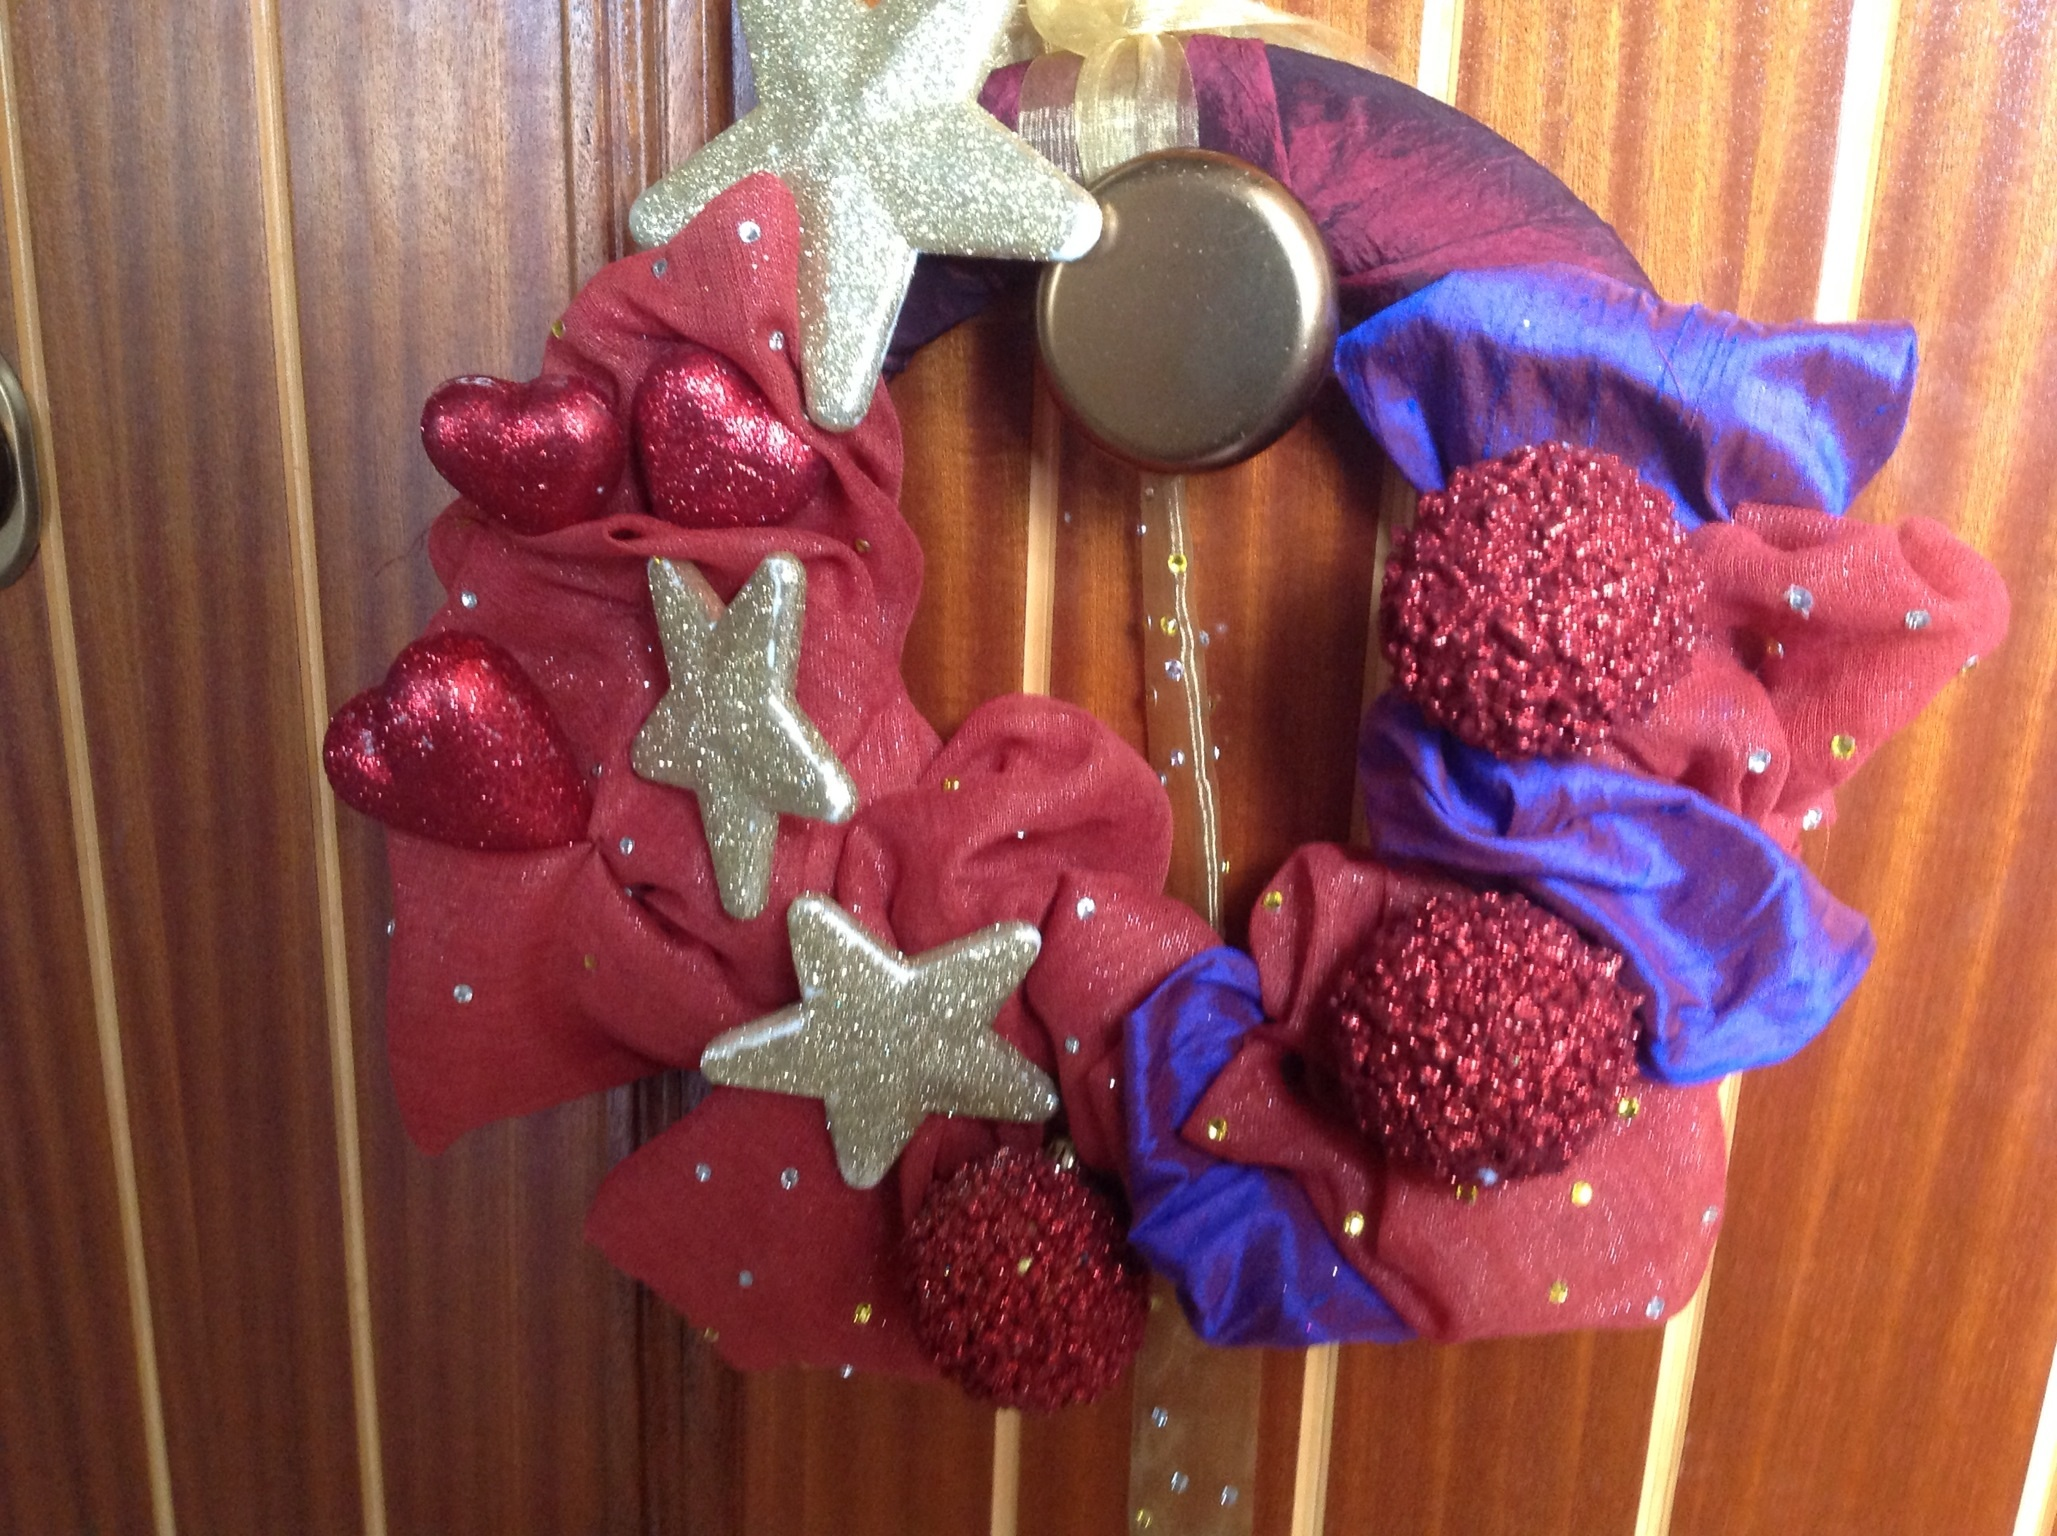 Ghirlanda di natale fai da te pane cioccolatoblog for Decorazione natalizia per porta